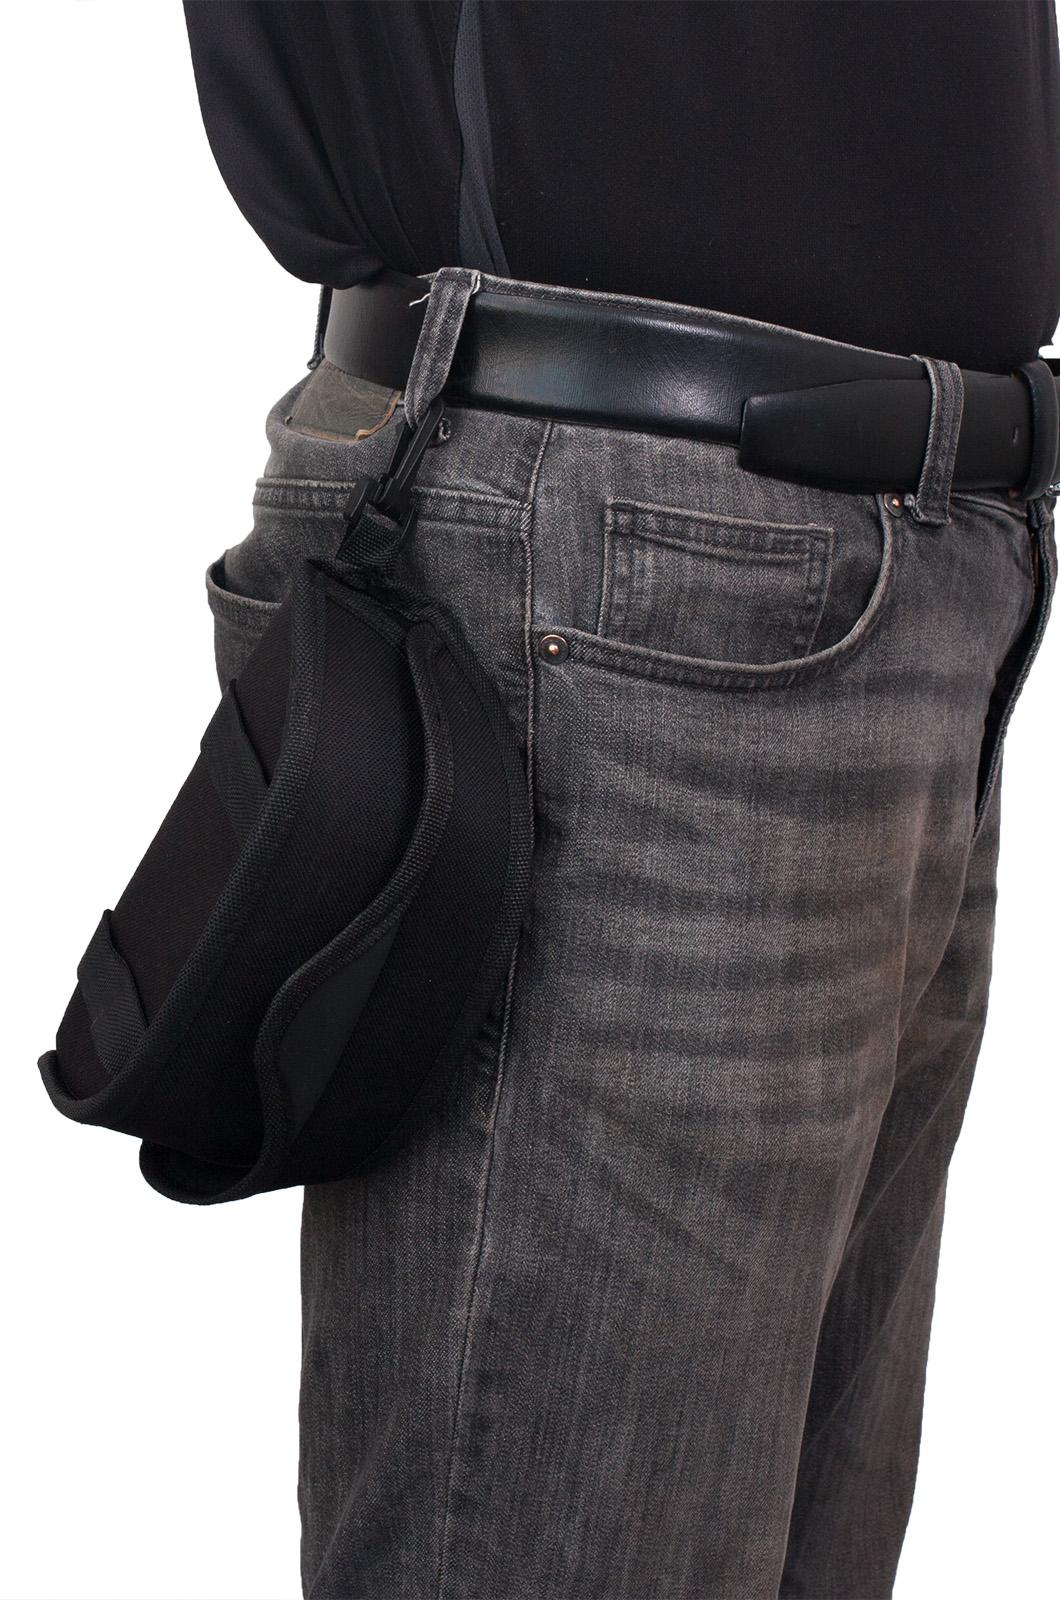 Защитные очки для страйкбола с доставкой